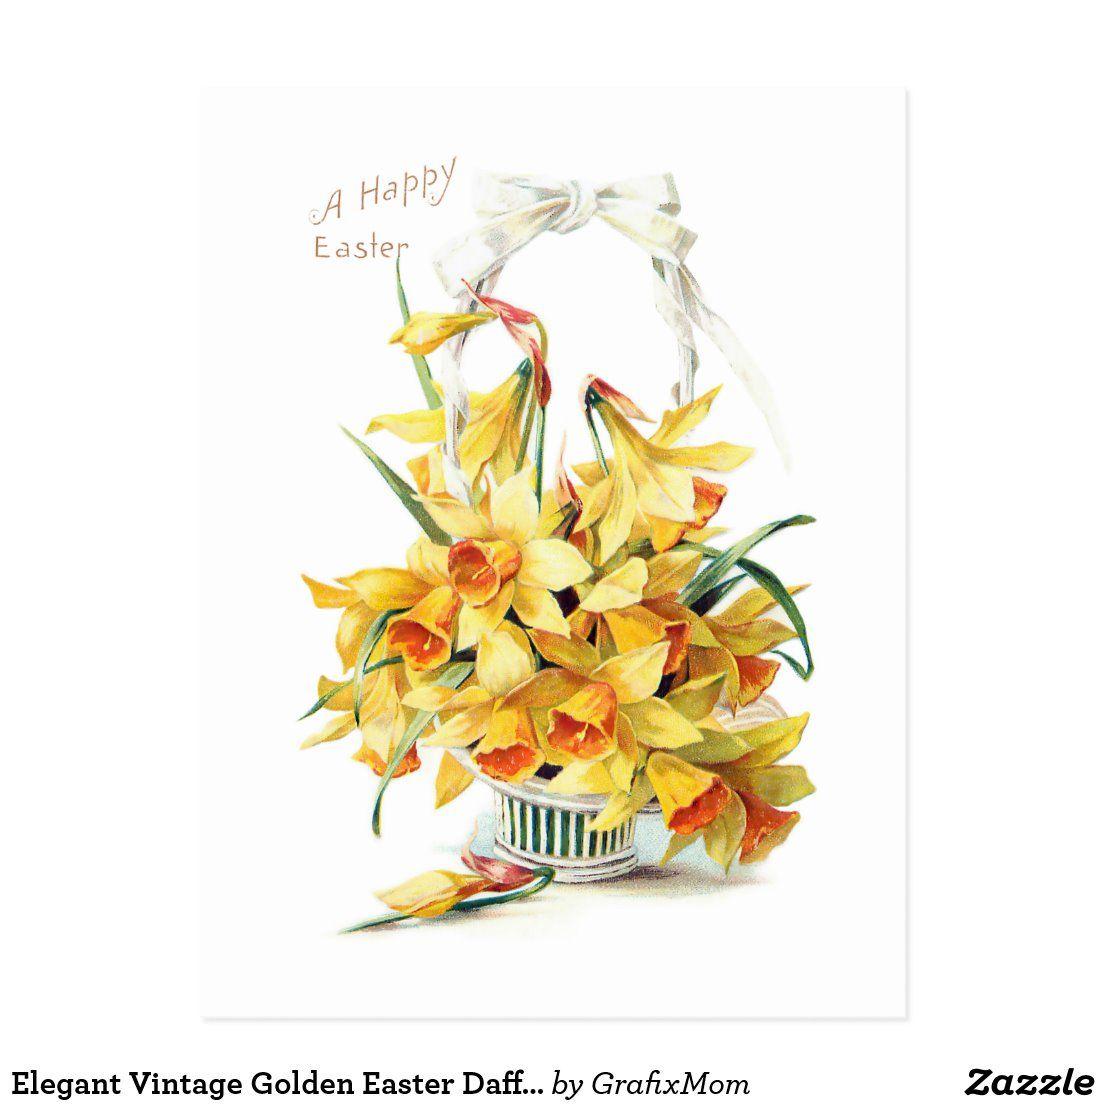 Elegant Vintage Golden Easter Daffodils Postcard Zazzle